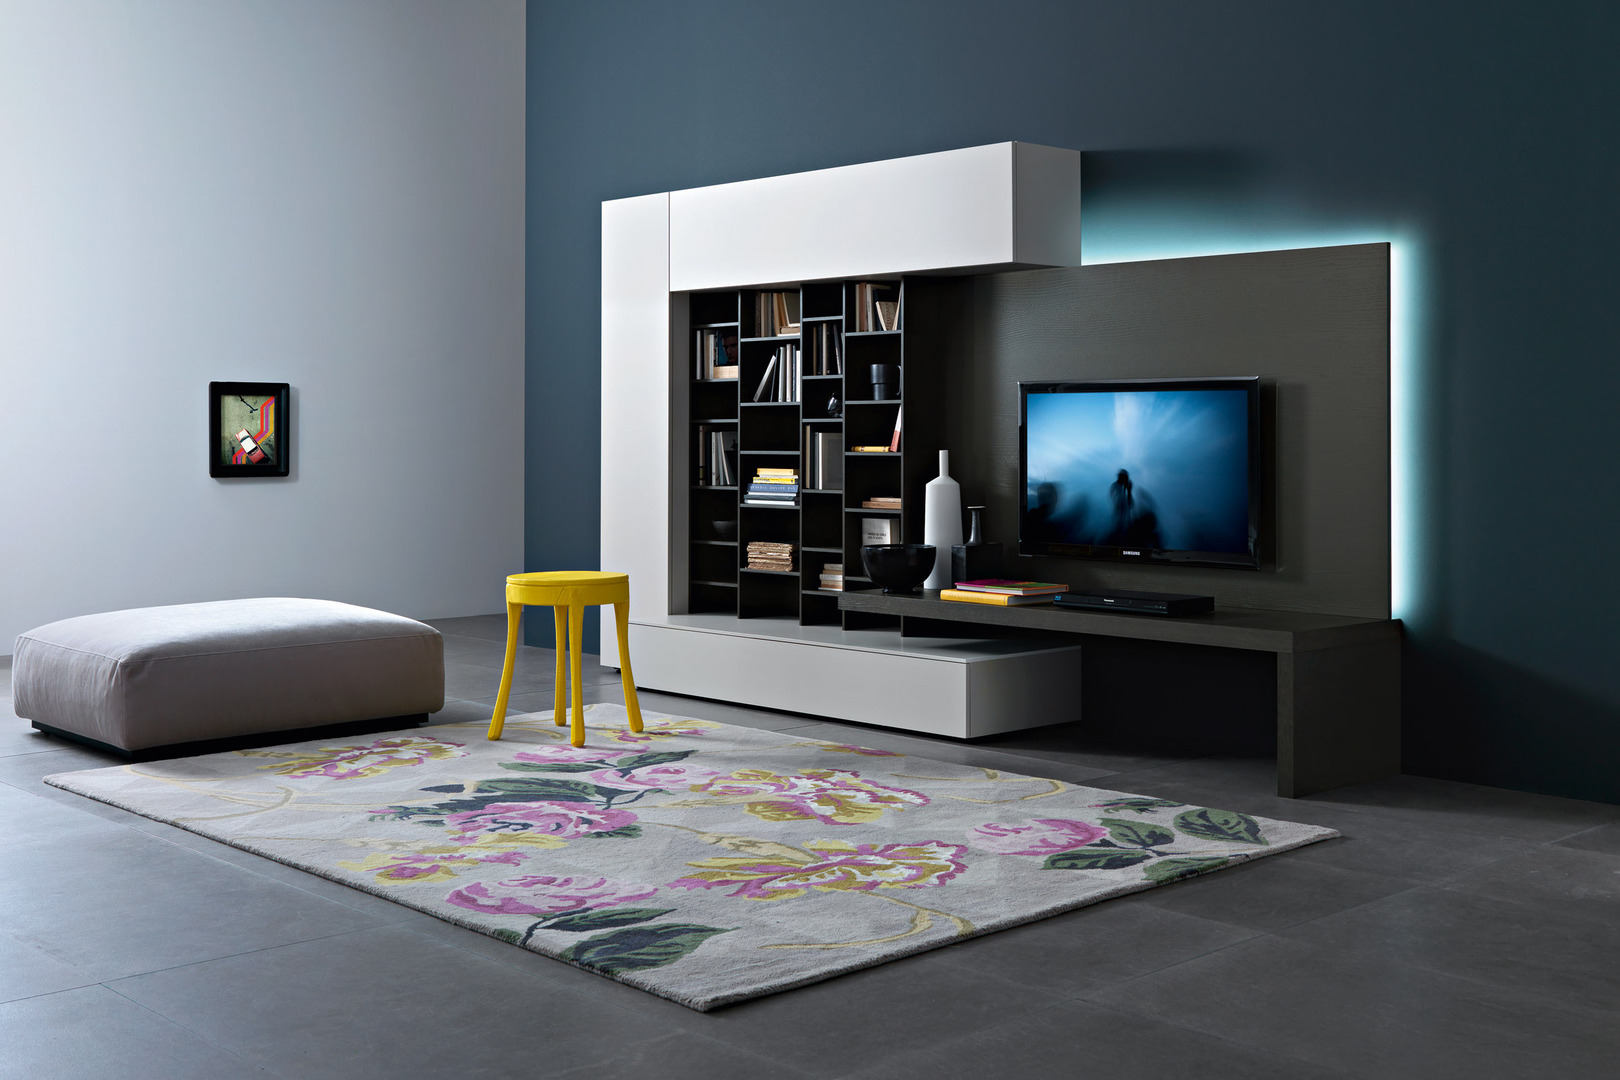 Arredamenti milani arredamento soggiorno moderno design